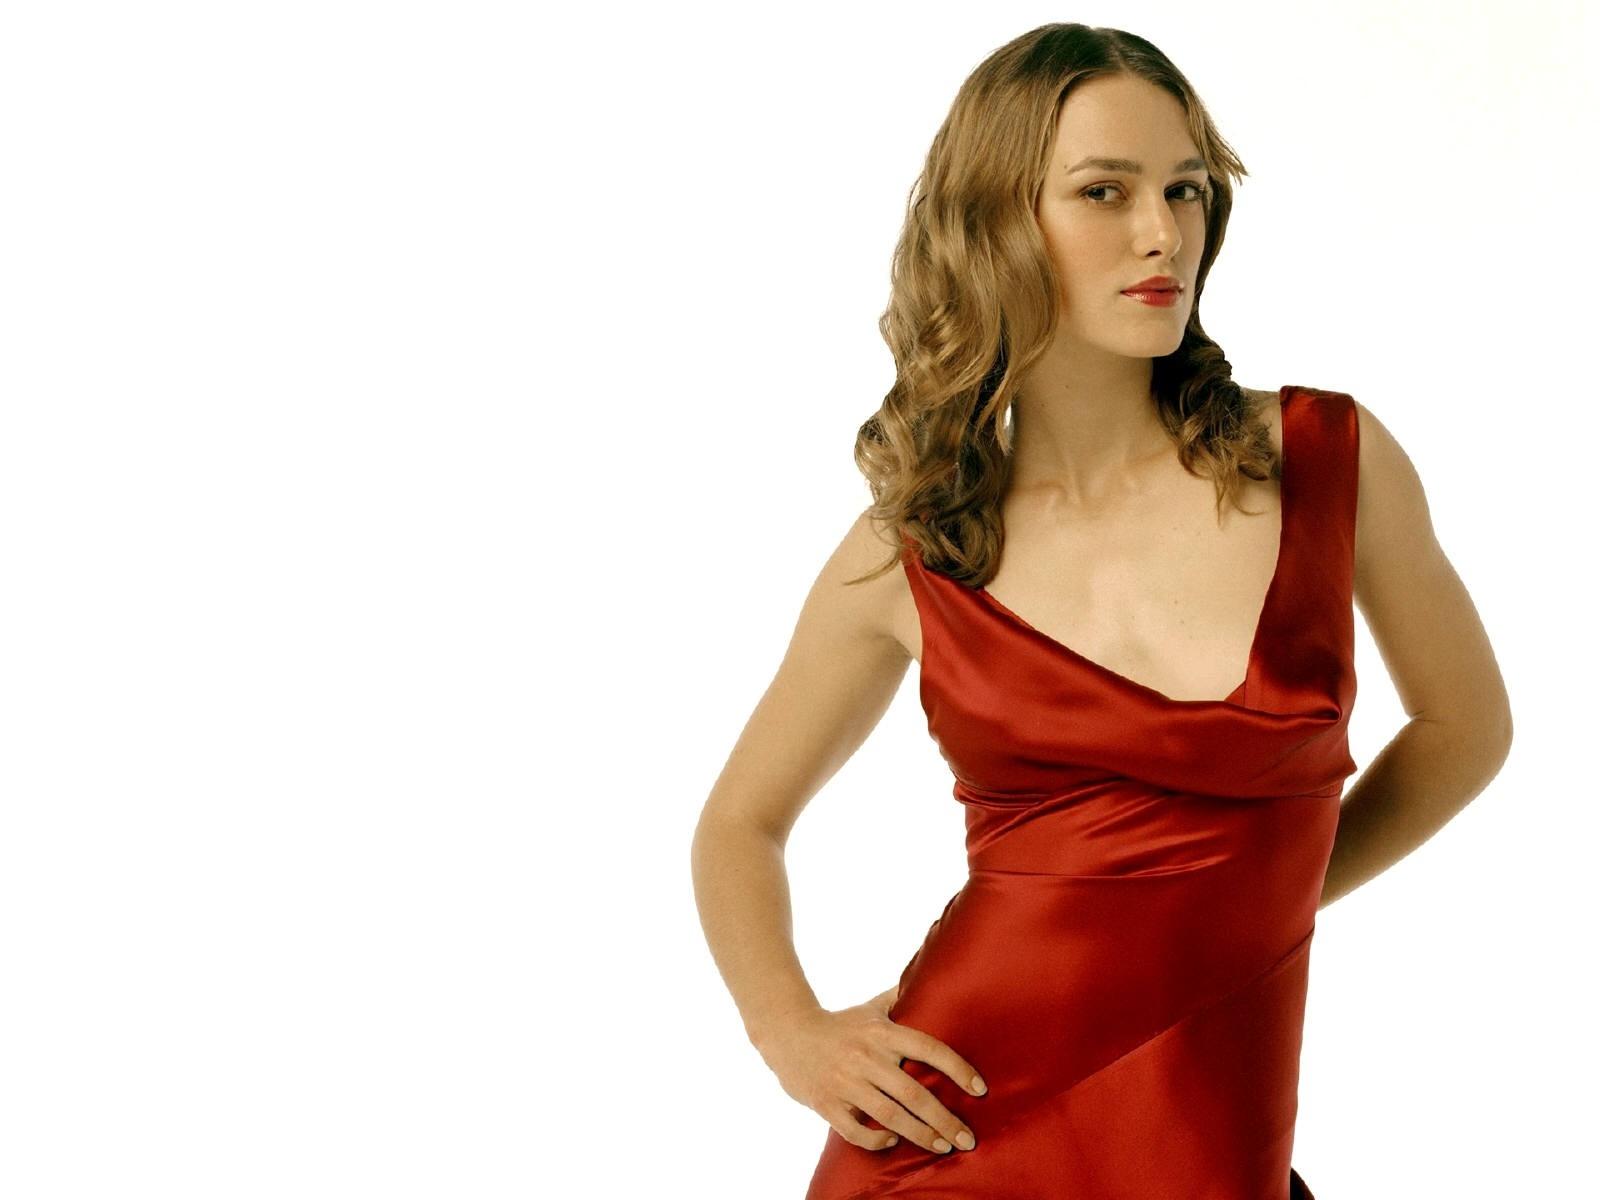 Wallpaper di Keira Knightley, sexy e chic in rosso